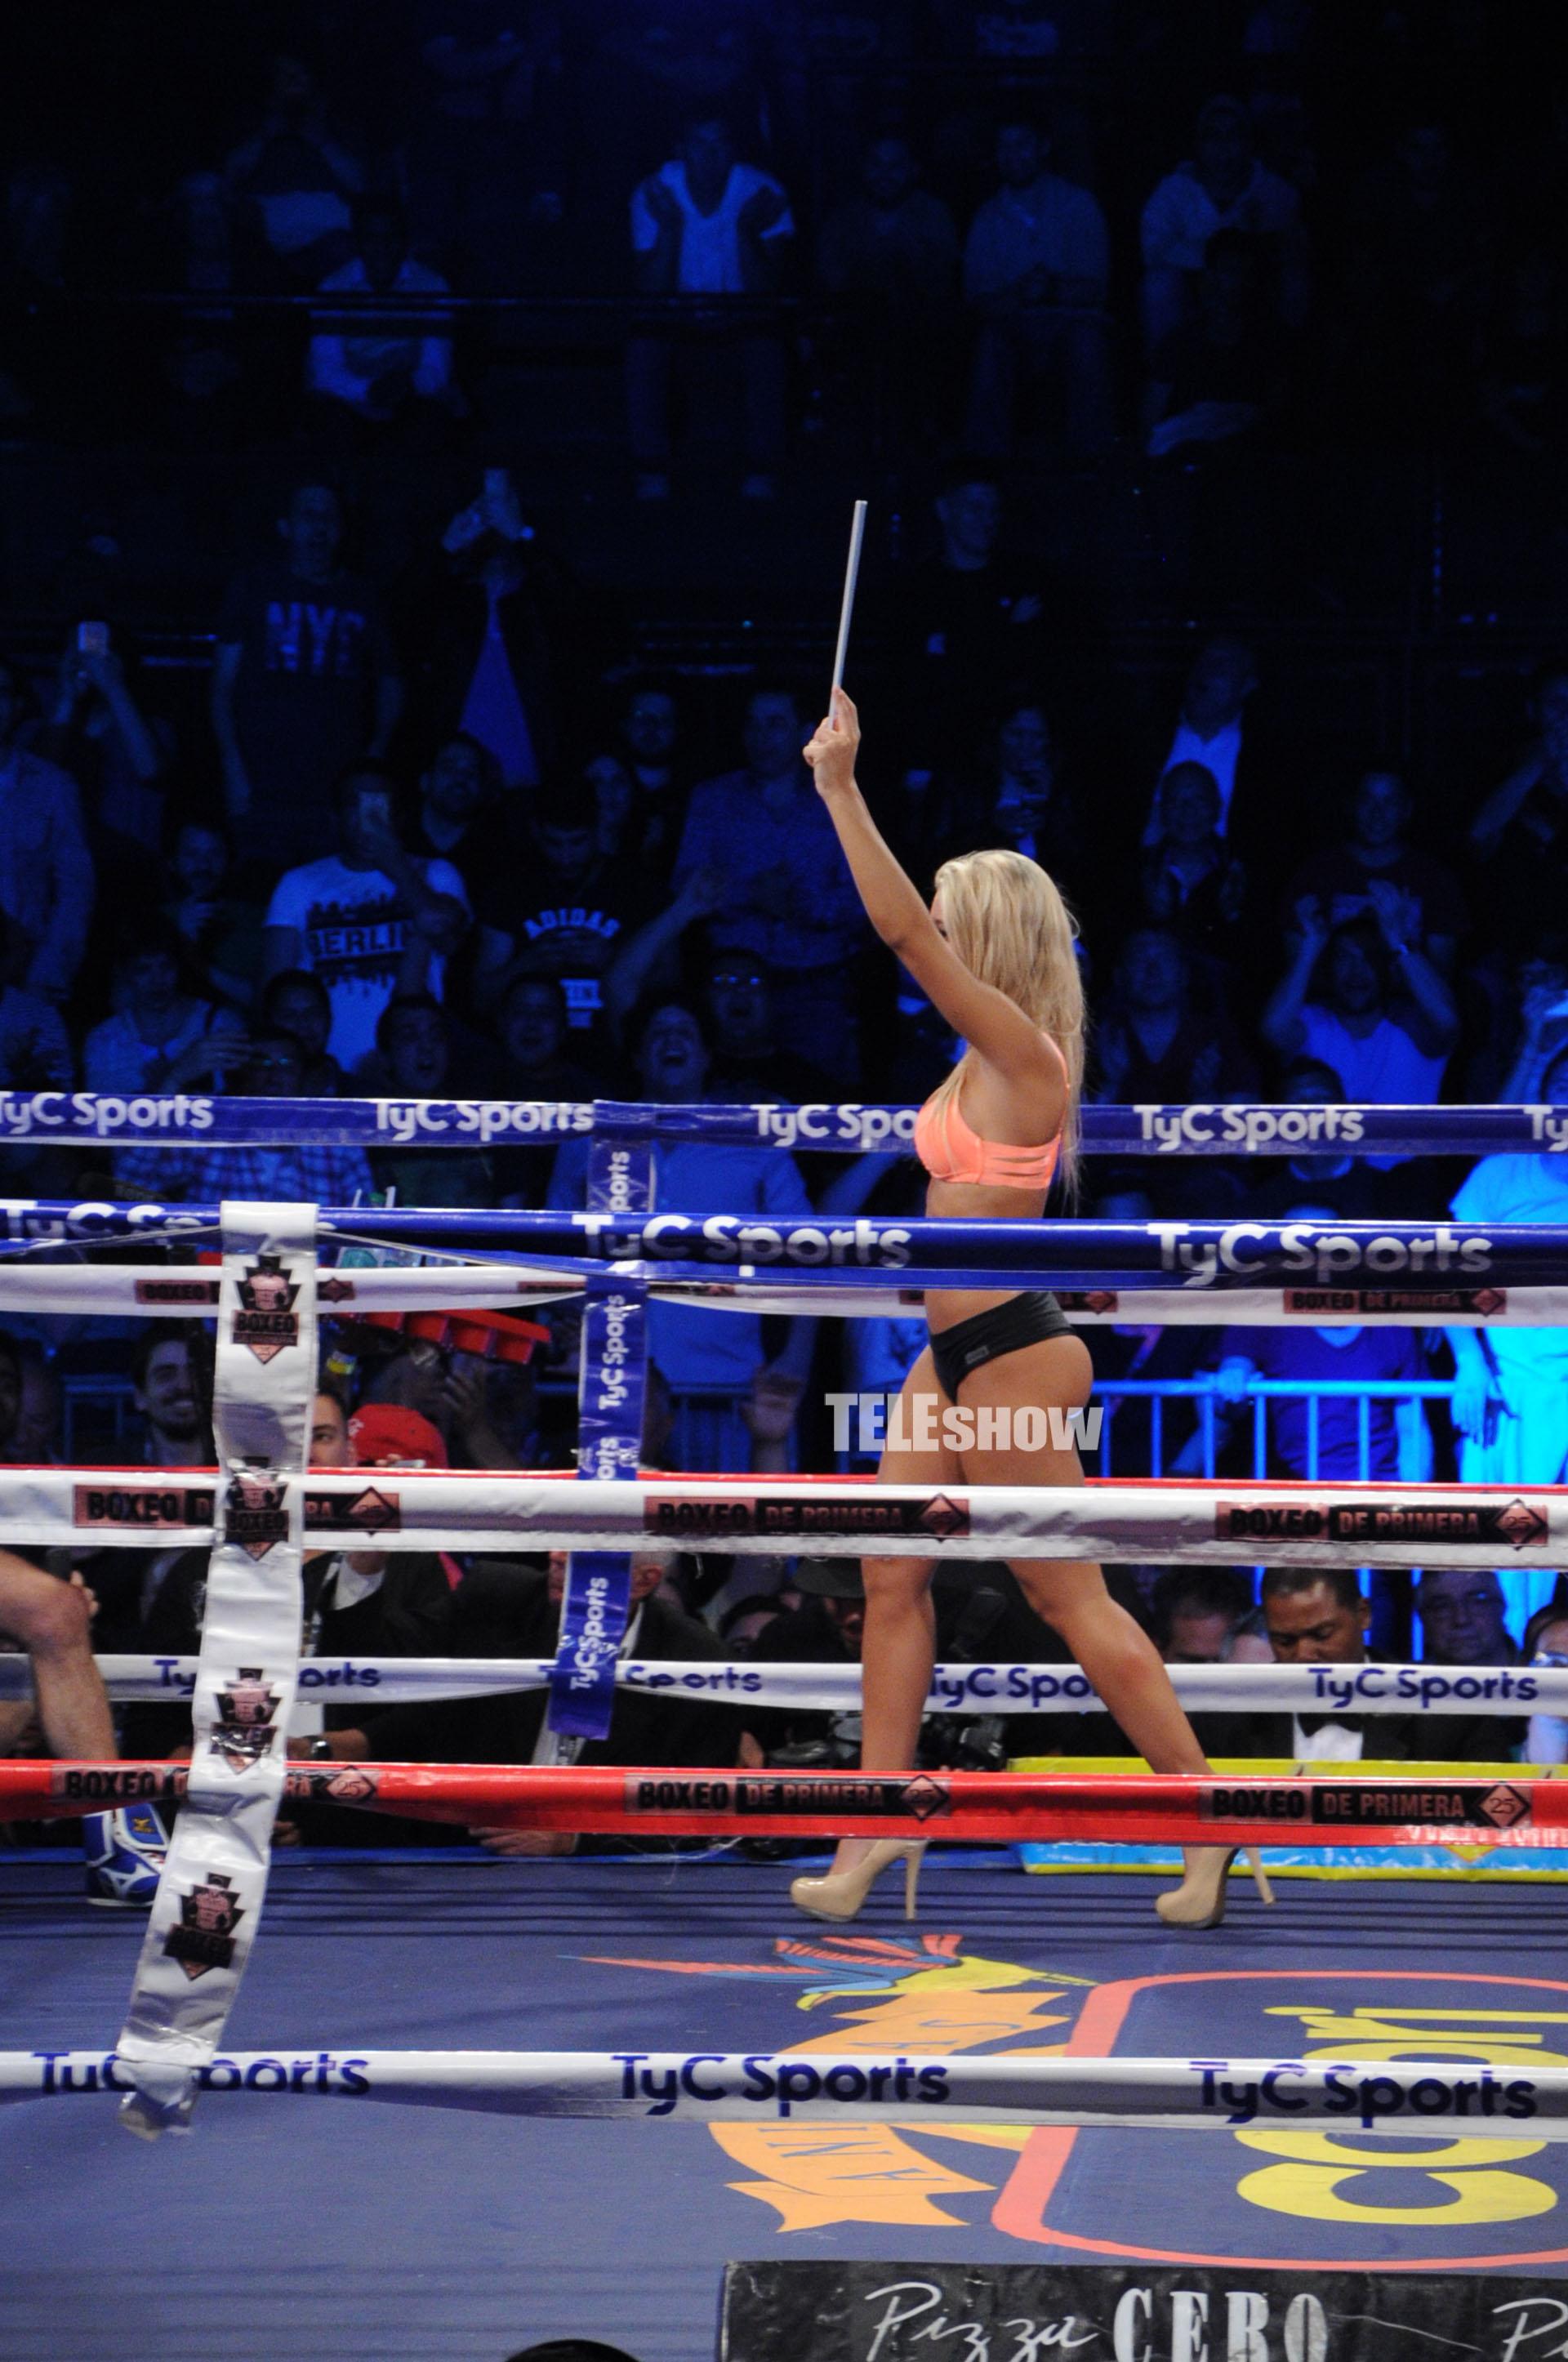 Sol Pérez camina sobre el ring ante la atenta mirada del público